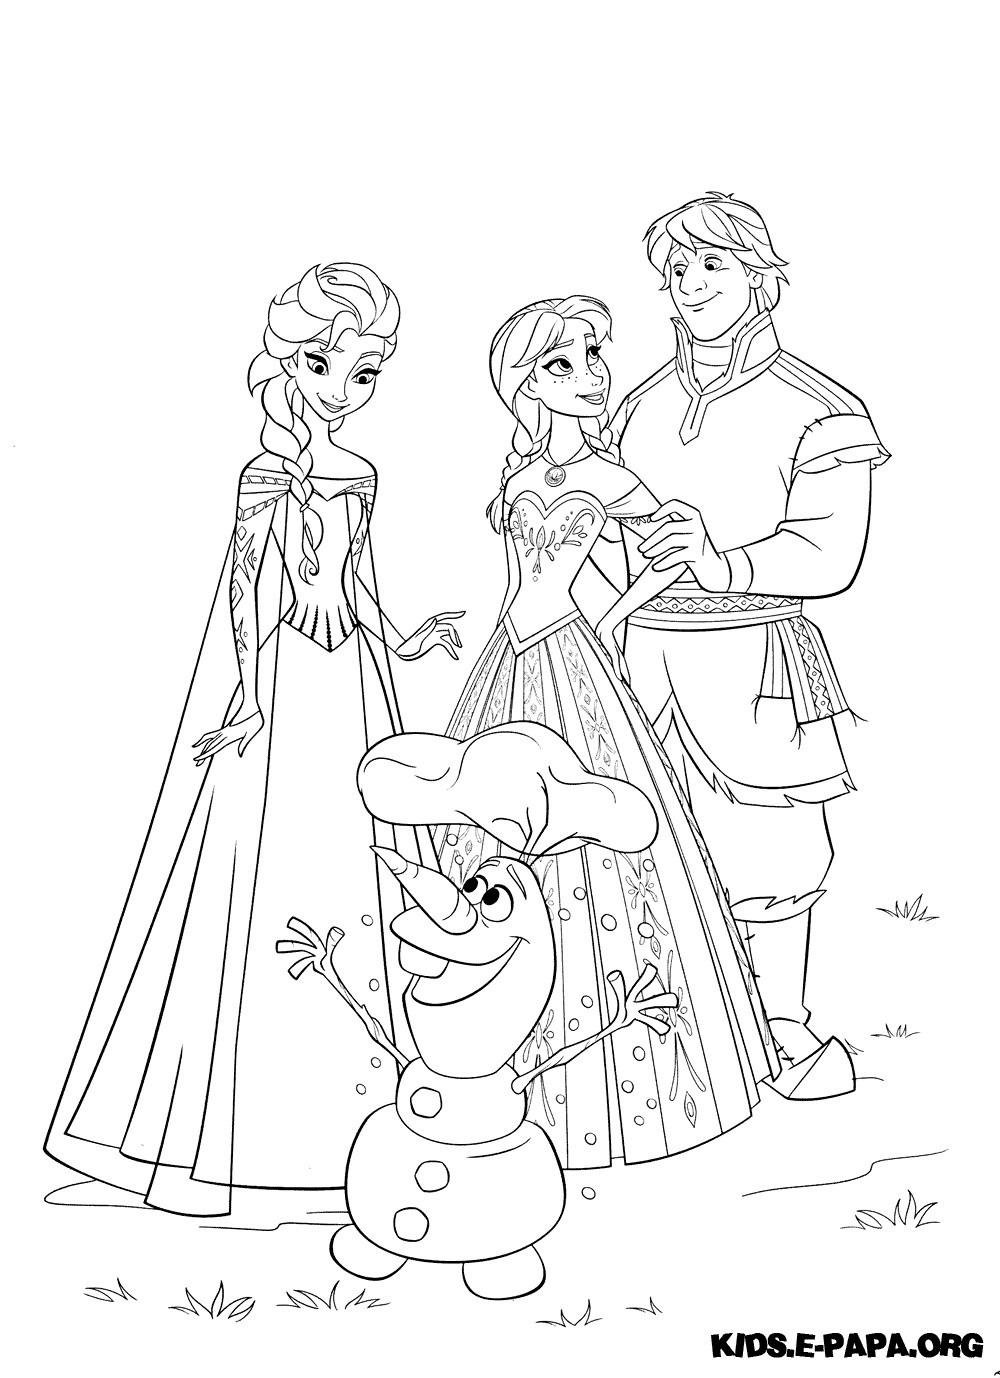 Olaf Frozen Ausmalbilder Inspirierend Hk0balcxmdf T 2018 10 08t07 42 28 Neu Die Eiskönigin Ausmalbilder Bild